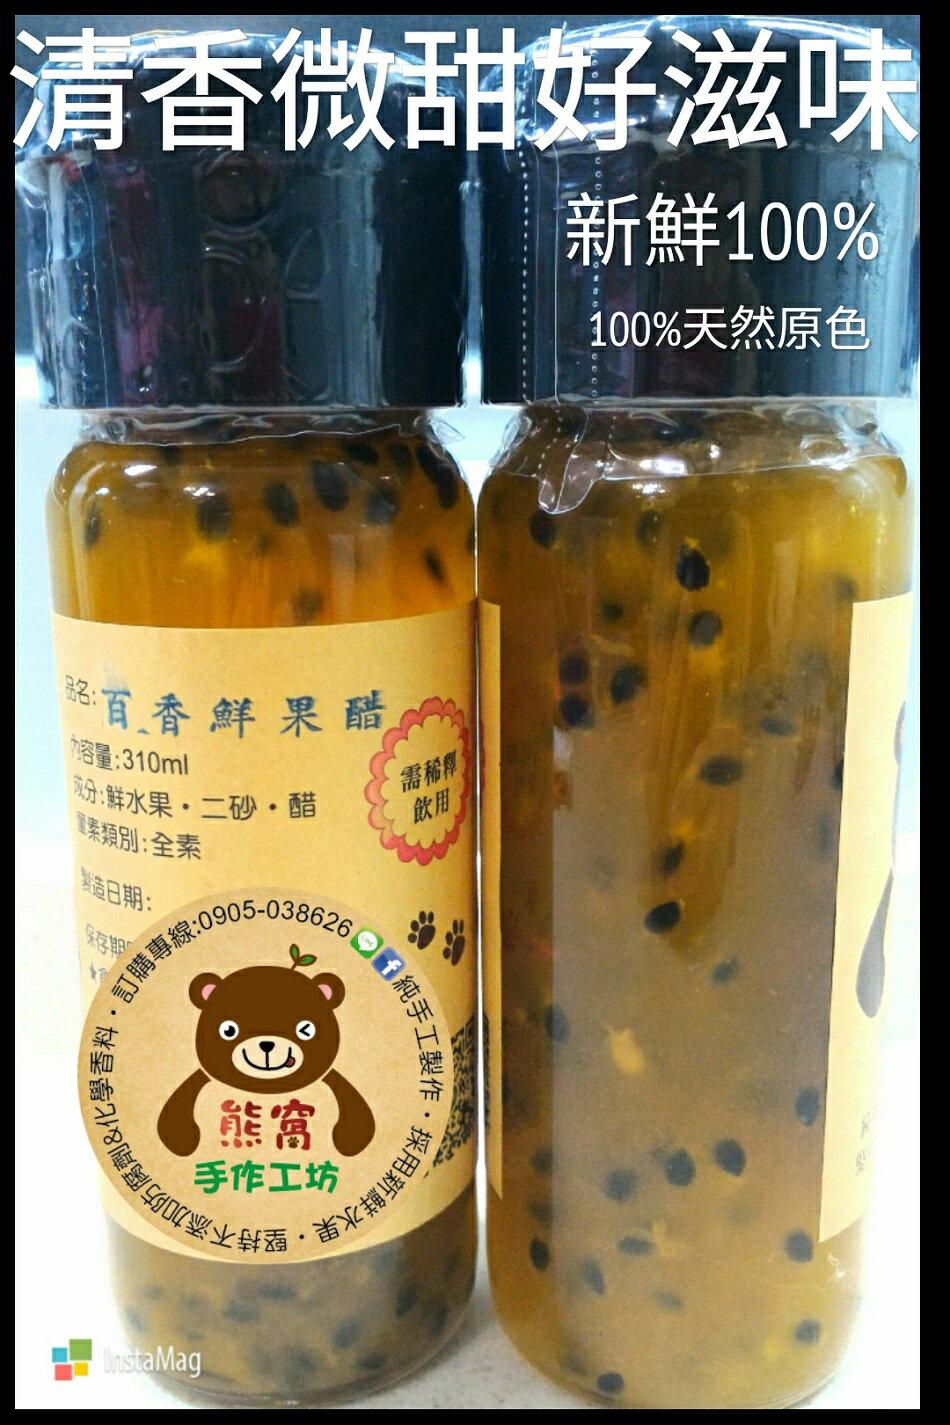 熊窩手作工坊-堅持純手工製作~100%原汁原味-小罐鮮果醋任選3罐含運~特價599元 1